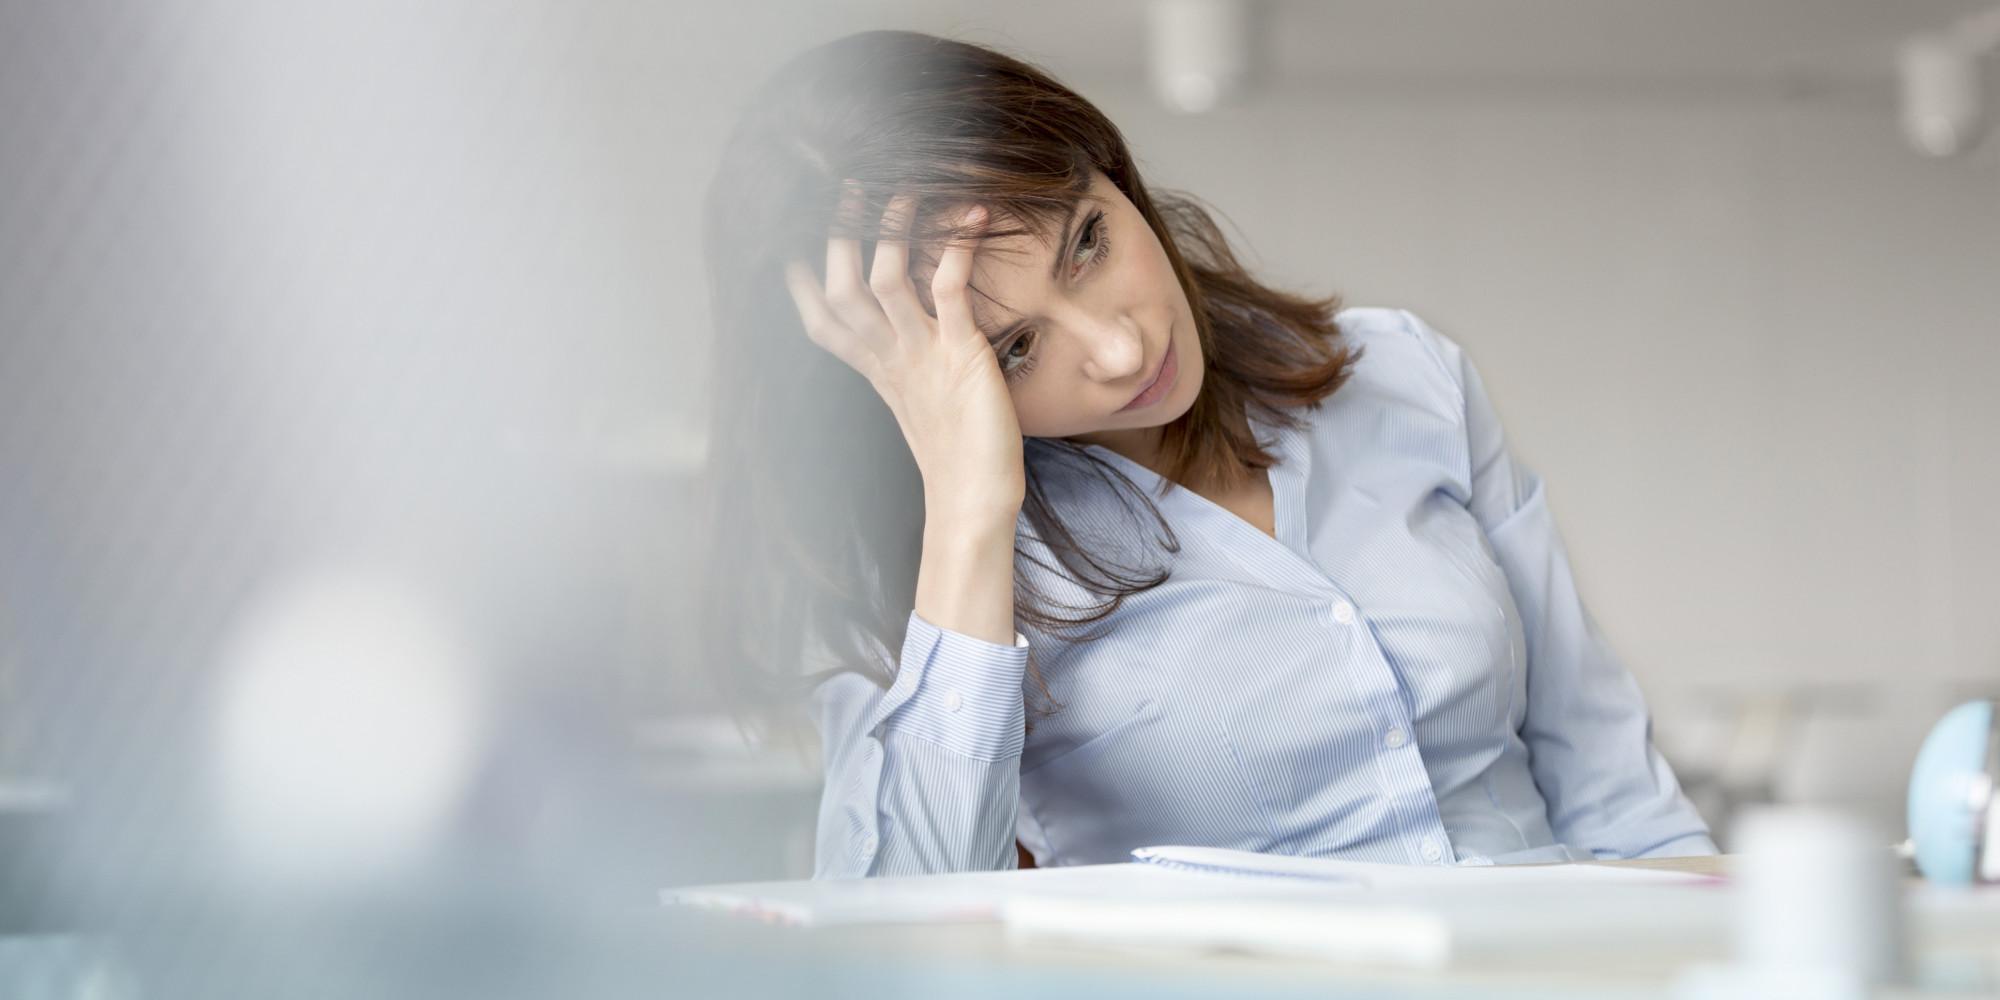 Нийгмийн хүчин зүйл нь эмэгтэйчүүдийн стресс,  сэтэгцийн өвчин тусах эрсдэлийг нэмэгдүүлдэг.